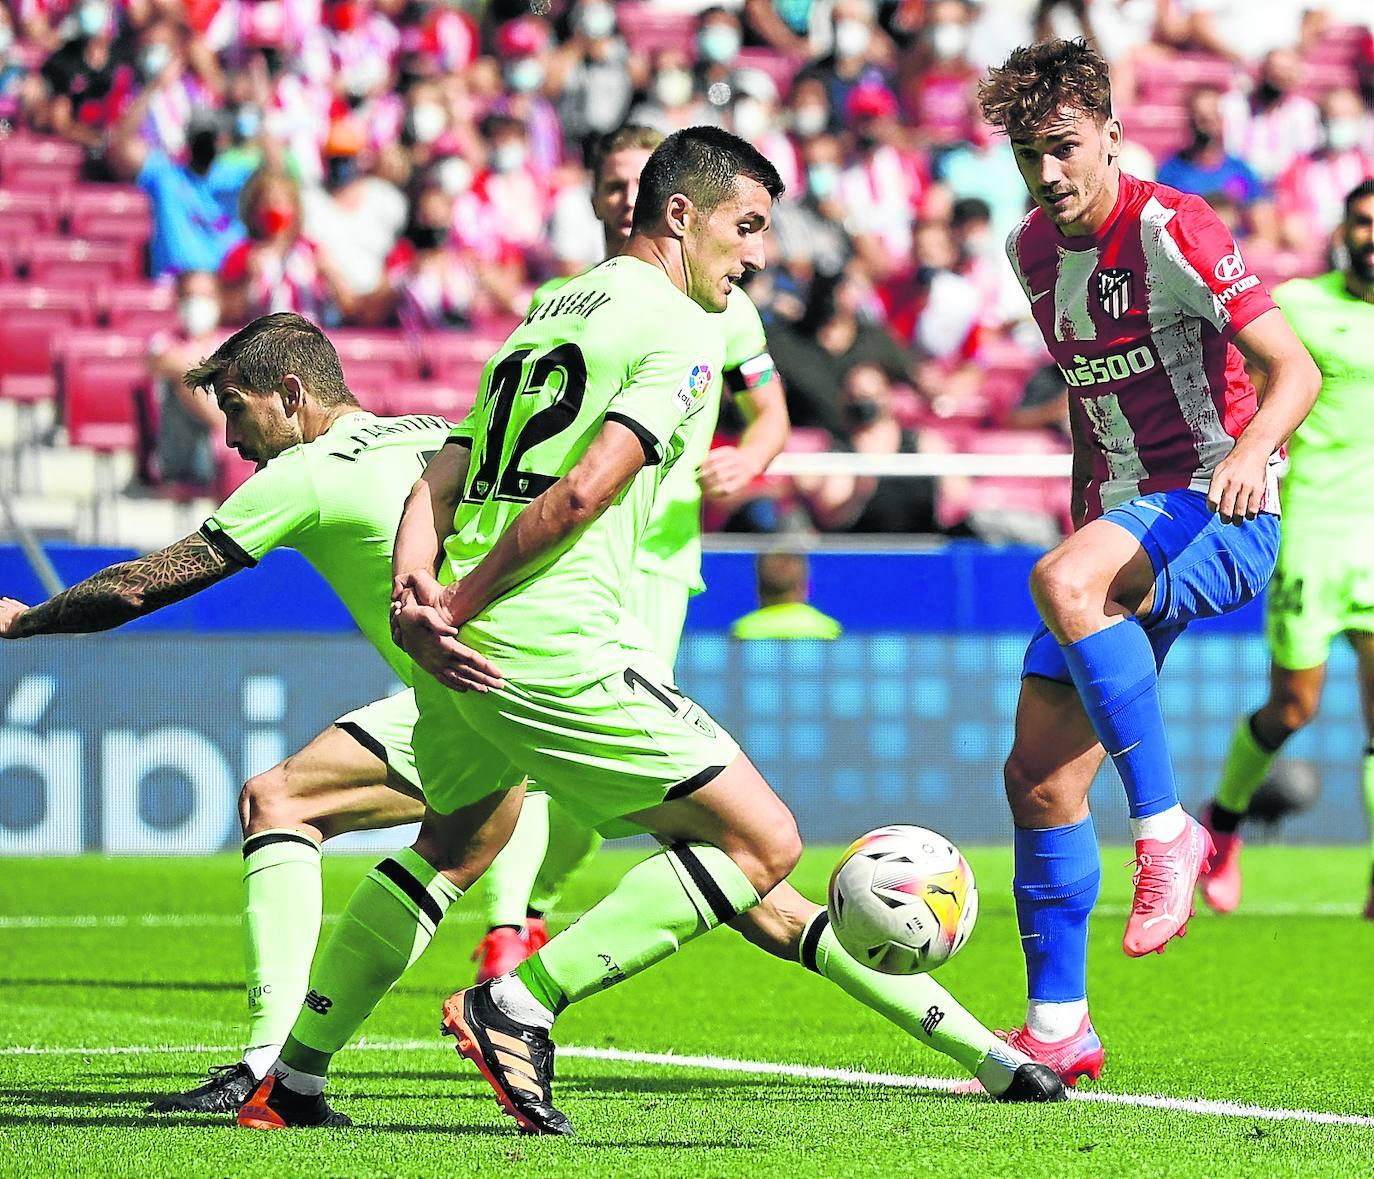 Athletic  - El Correo